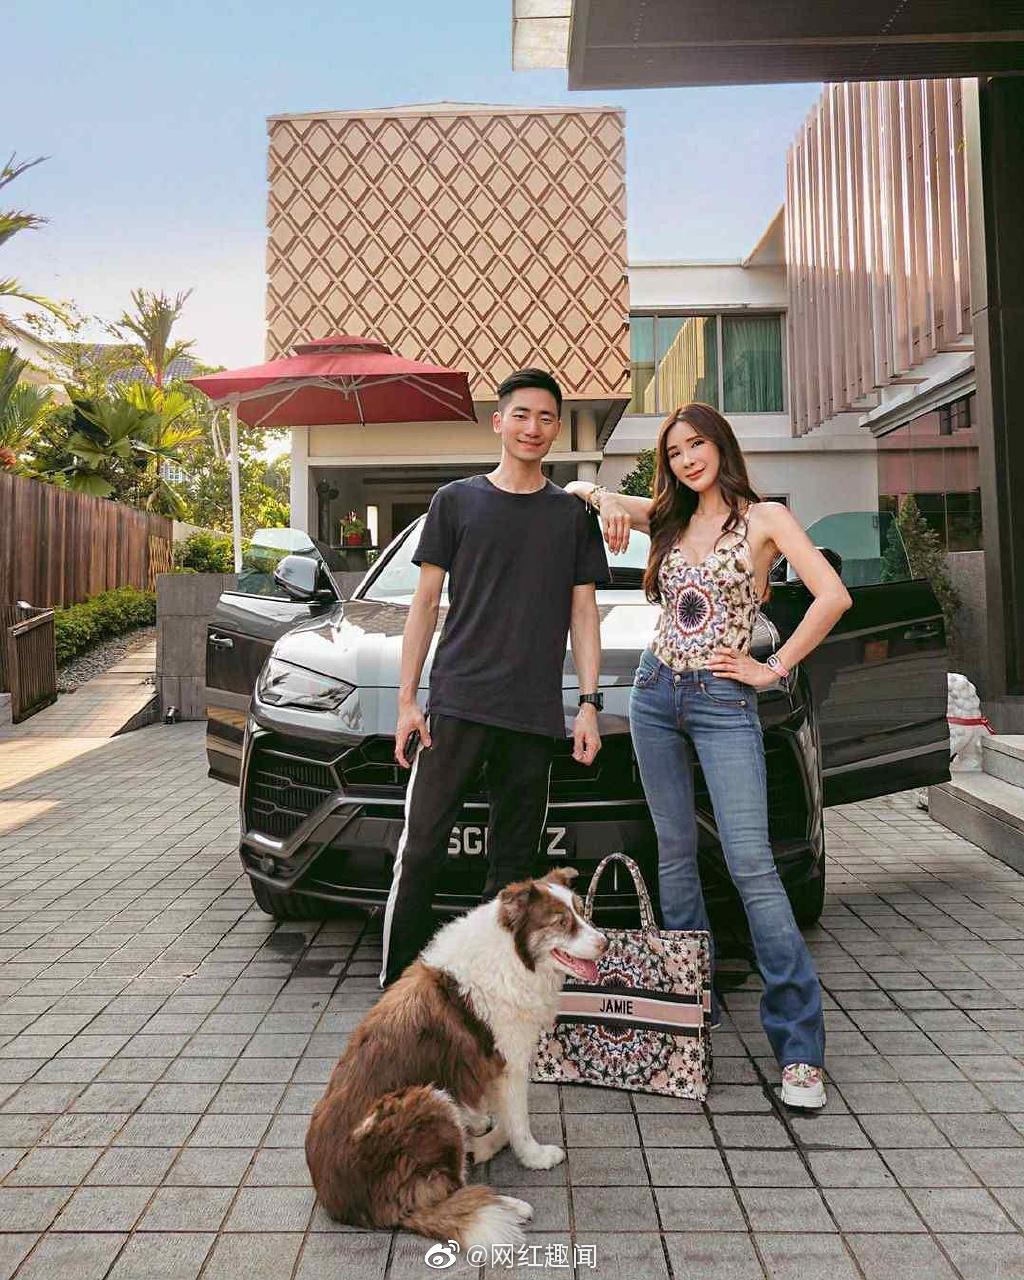 还记得花式炫富的新加坡网红蔡欣颖吗?